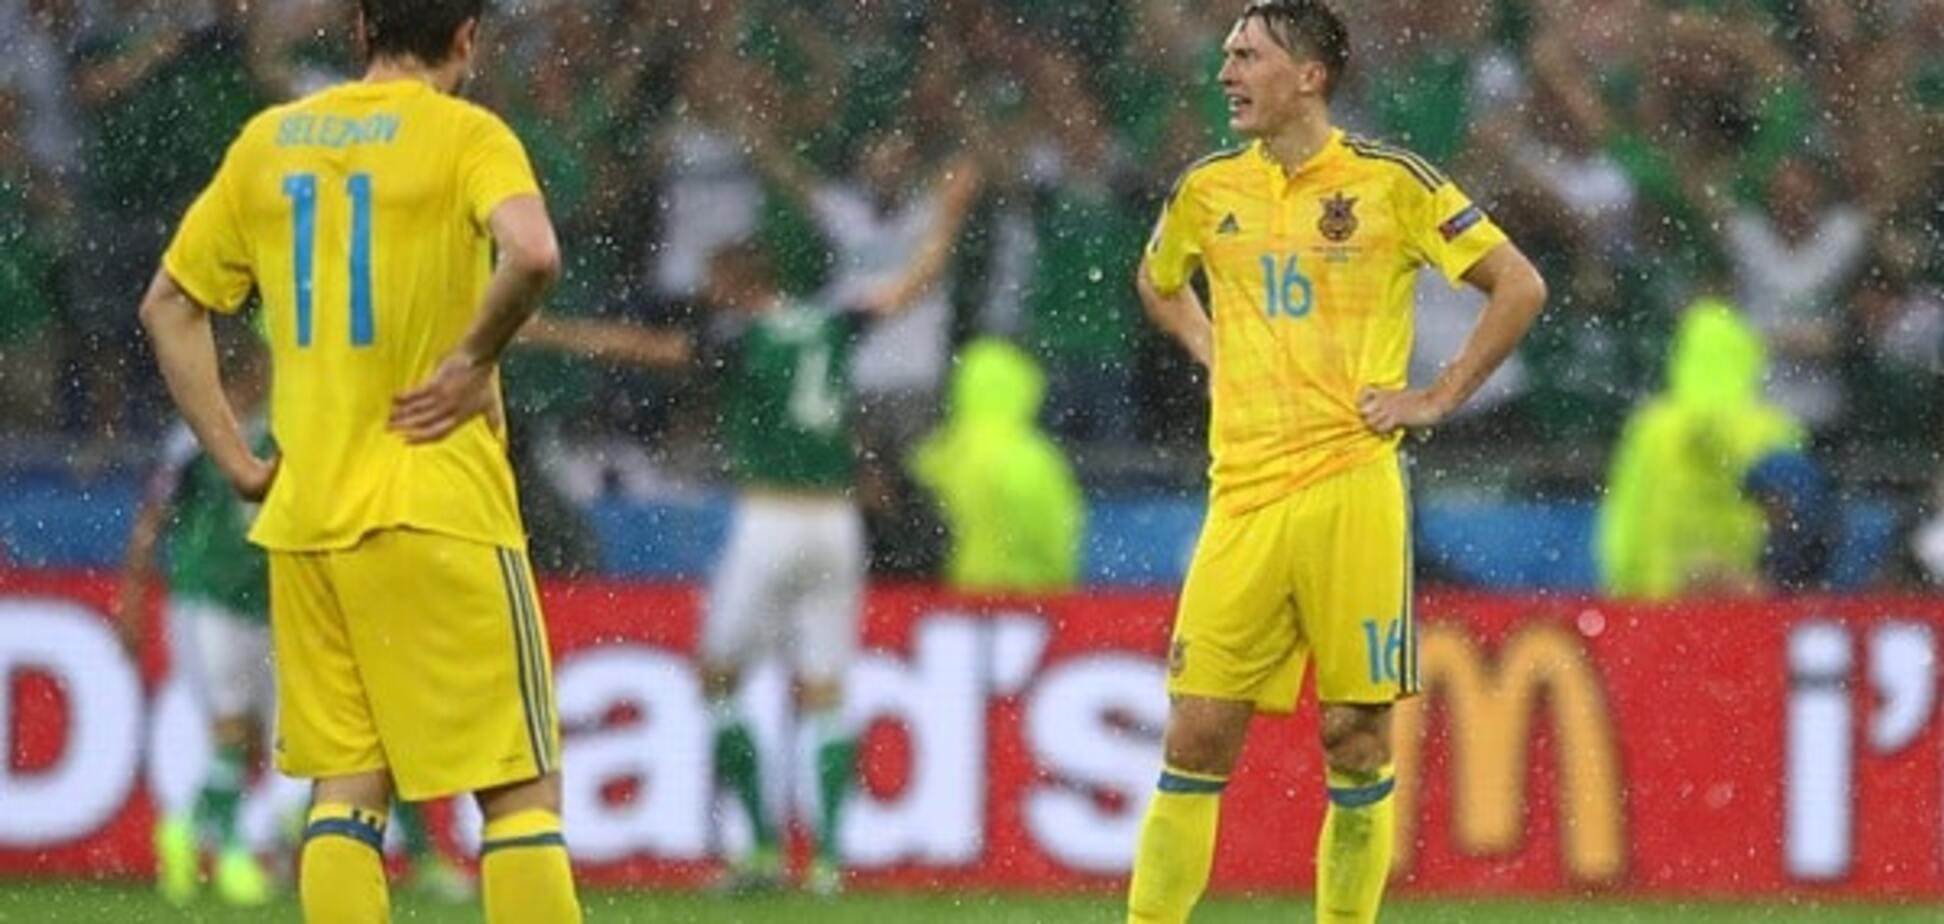 Евро-2016. Где смотреть Украина - Польша: расписание трансляций